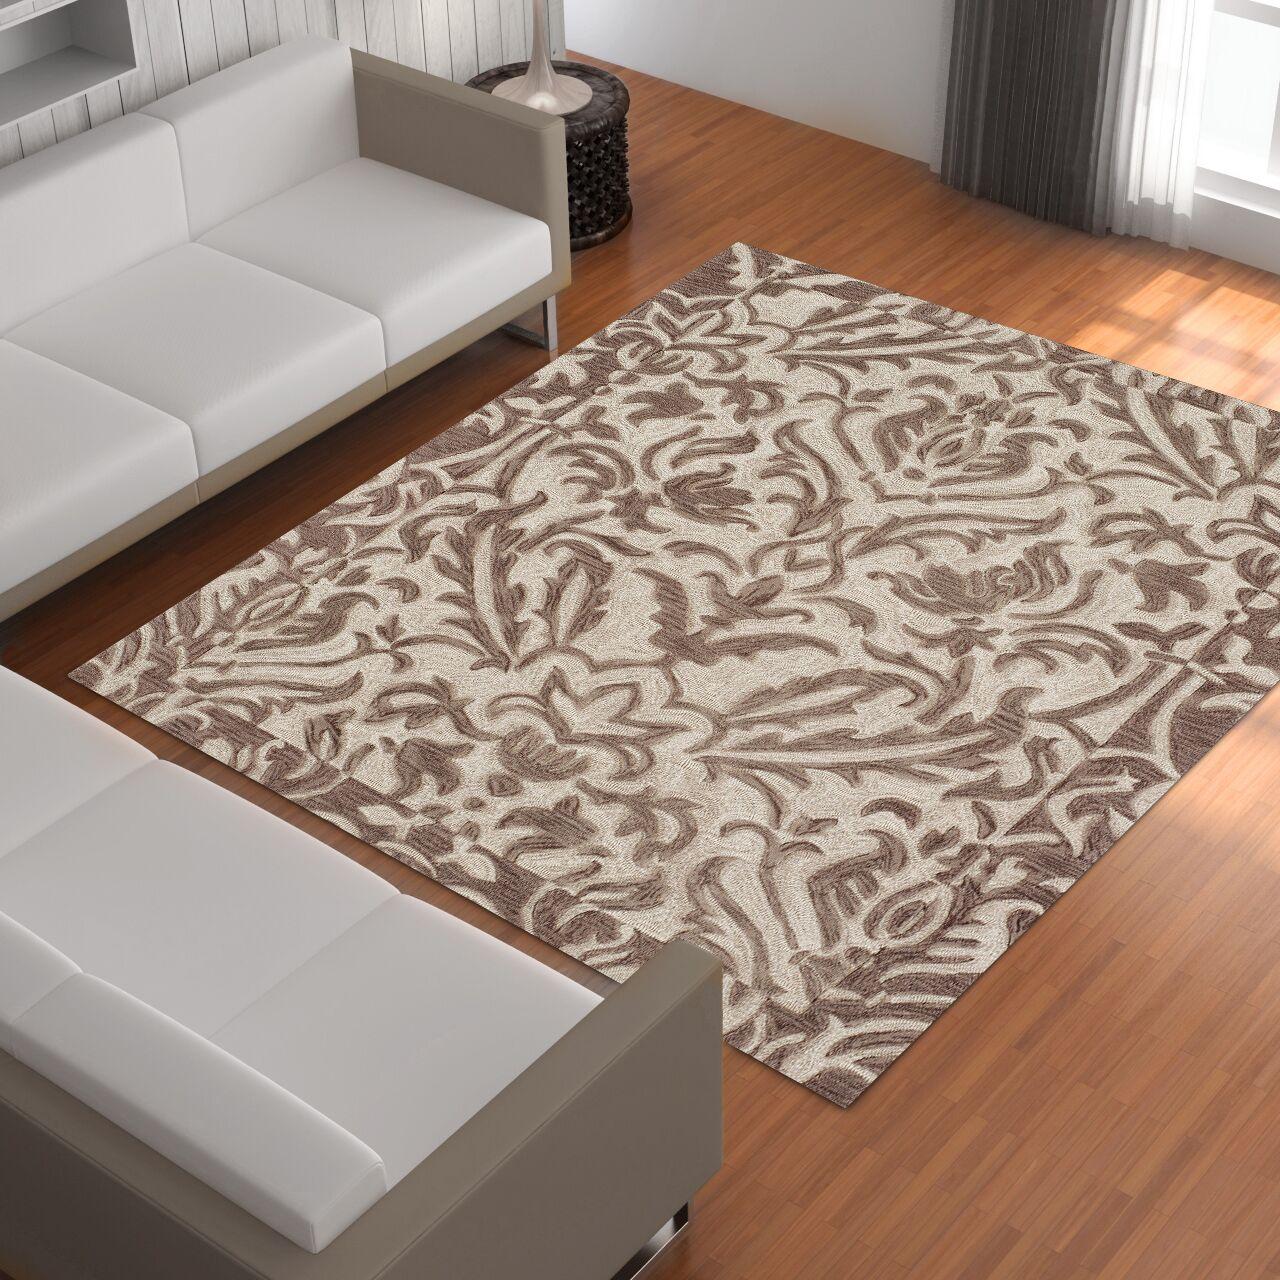 Bryant Khaki Area Rug Rug Size: Rectangle 8' x 10'